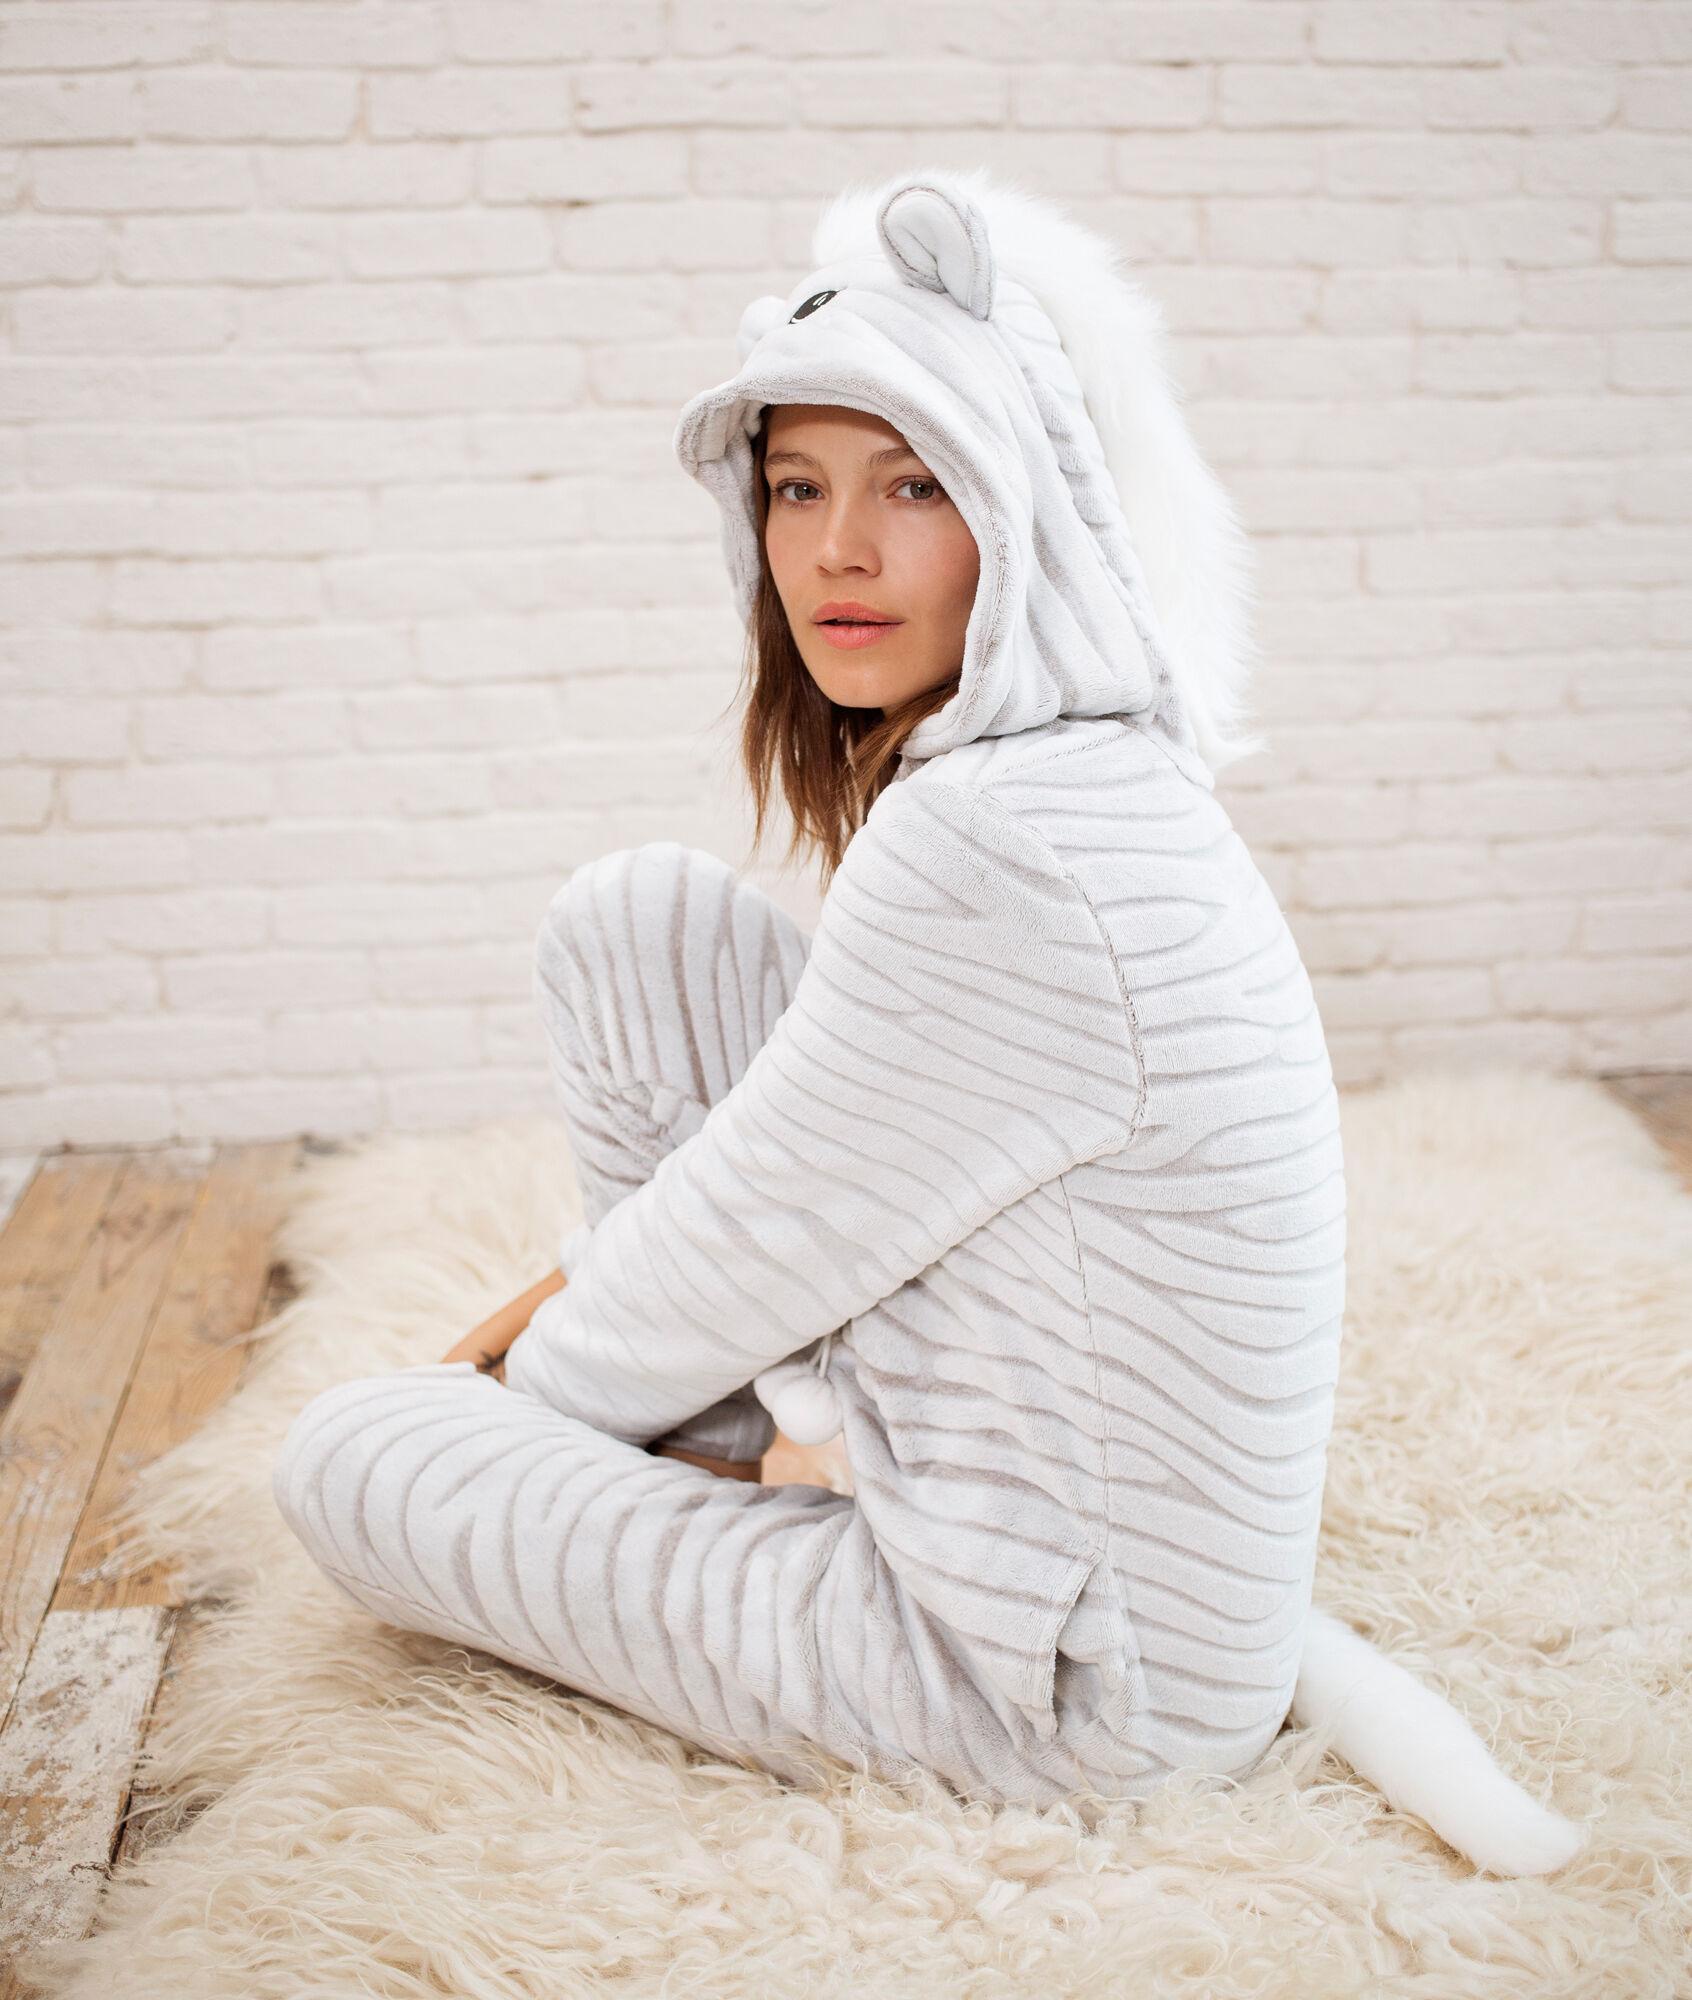 1947d26e1e63f Douillette : Pyjama combinaison femme toucher polaire ETAM par mode-femme.  Combinaison cerf. Combinaison Koala. zebra overall